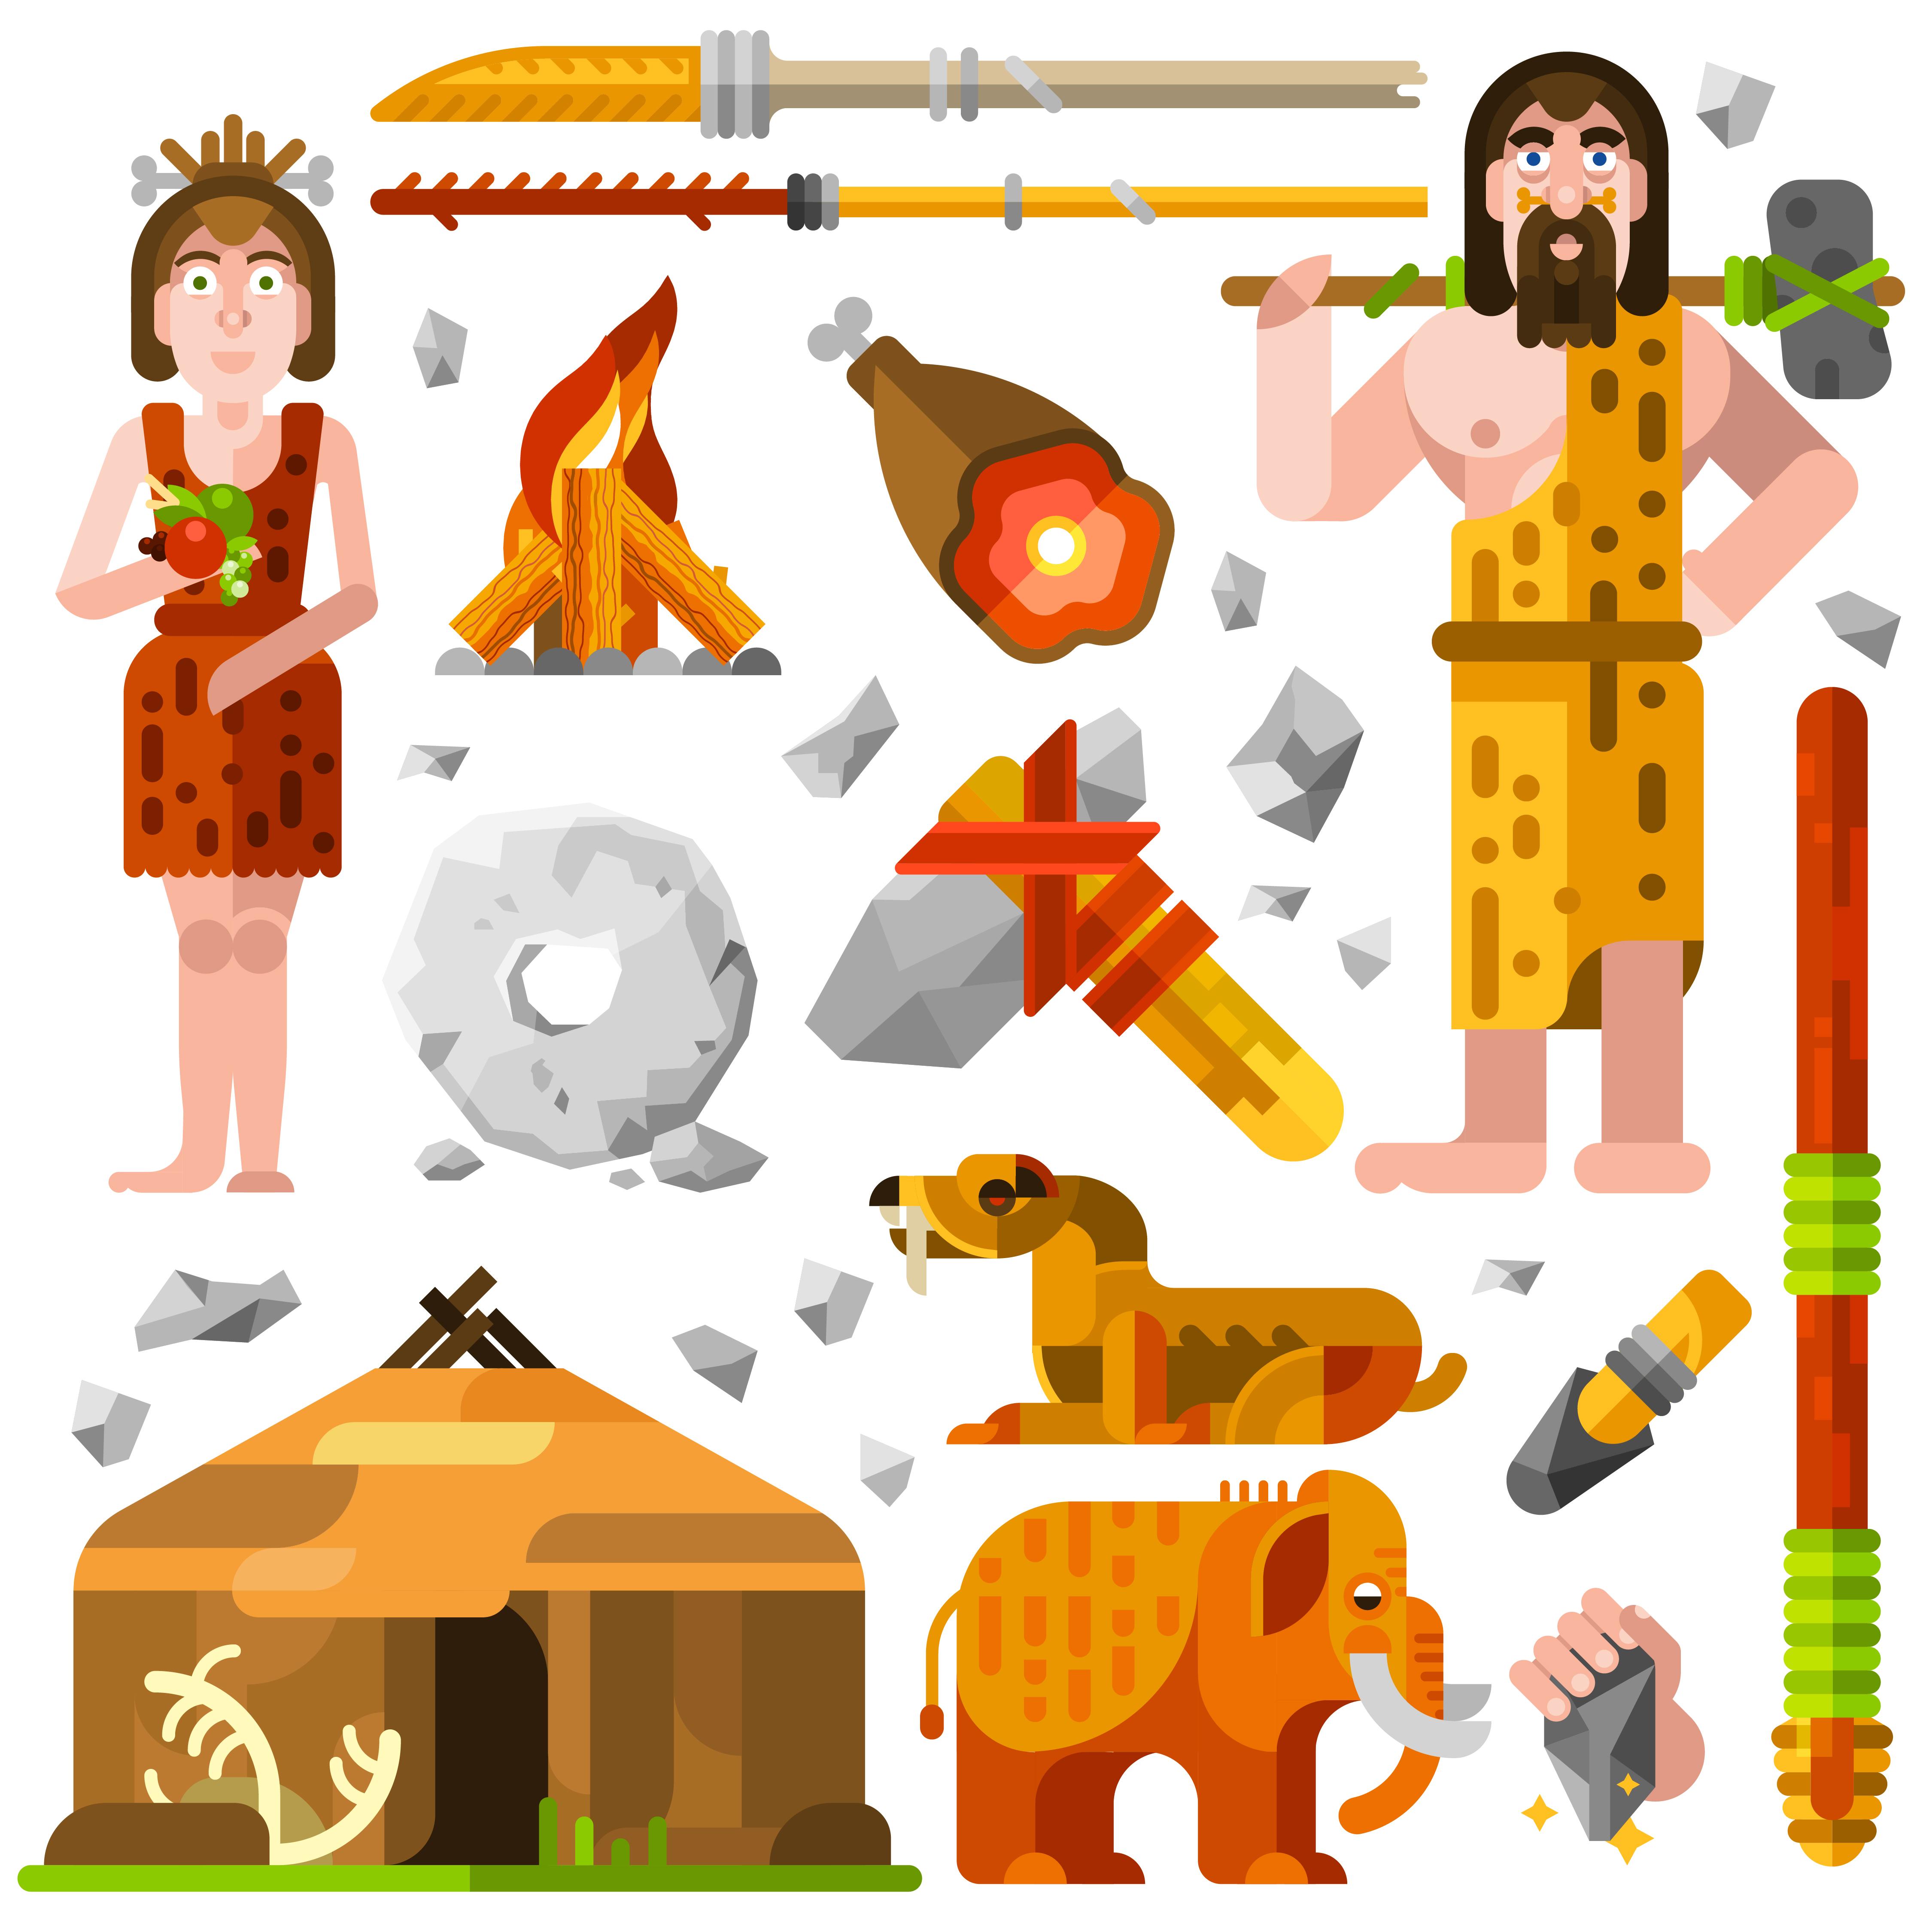 Icones De Homem Das Cavernas Pre Historicas Da Idade Da Pedra